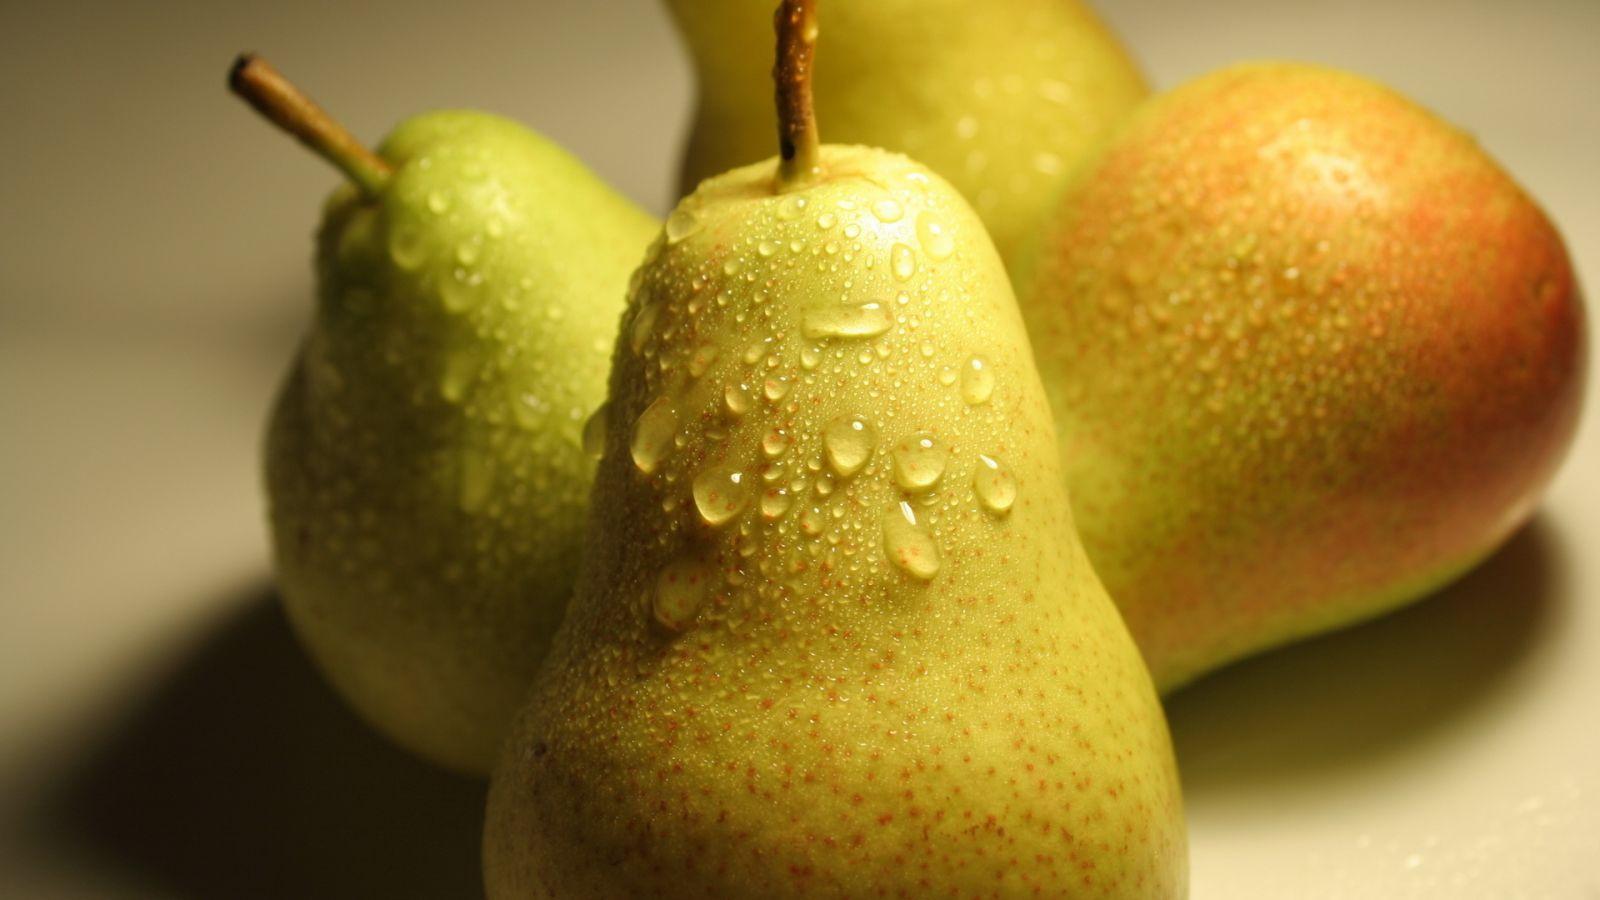 Вкусовые качества груши Белорусской поздней оцениваются на 4,2-4,4 балла